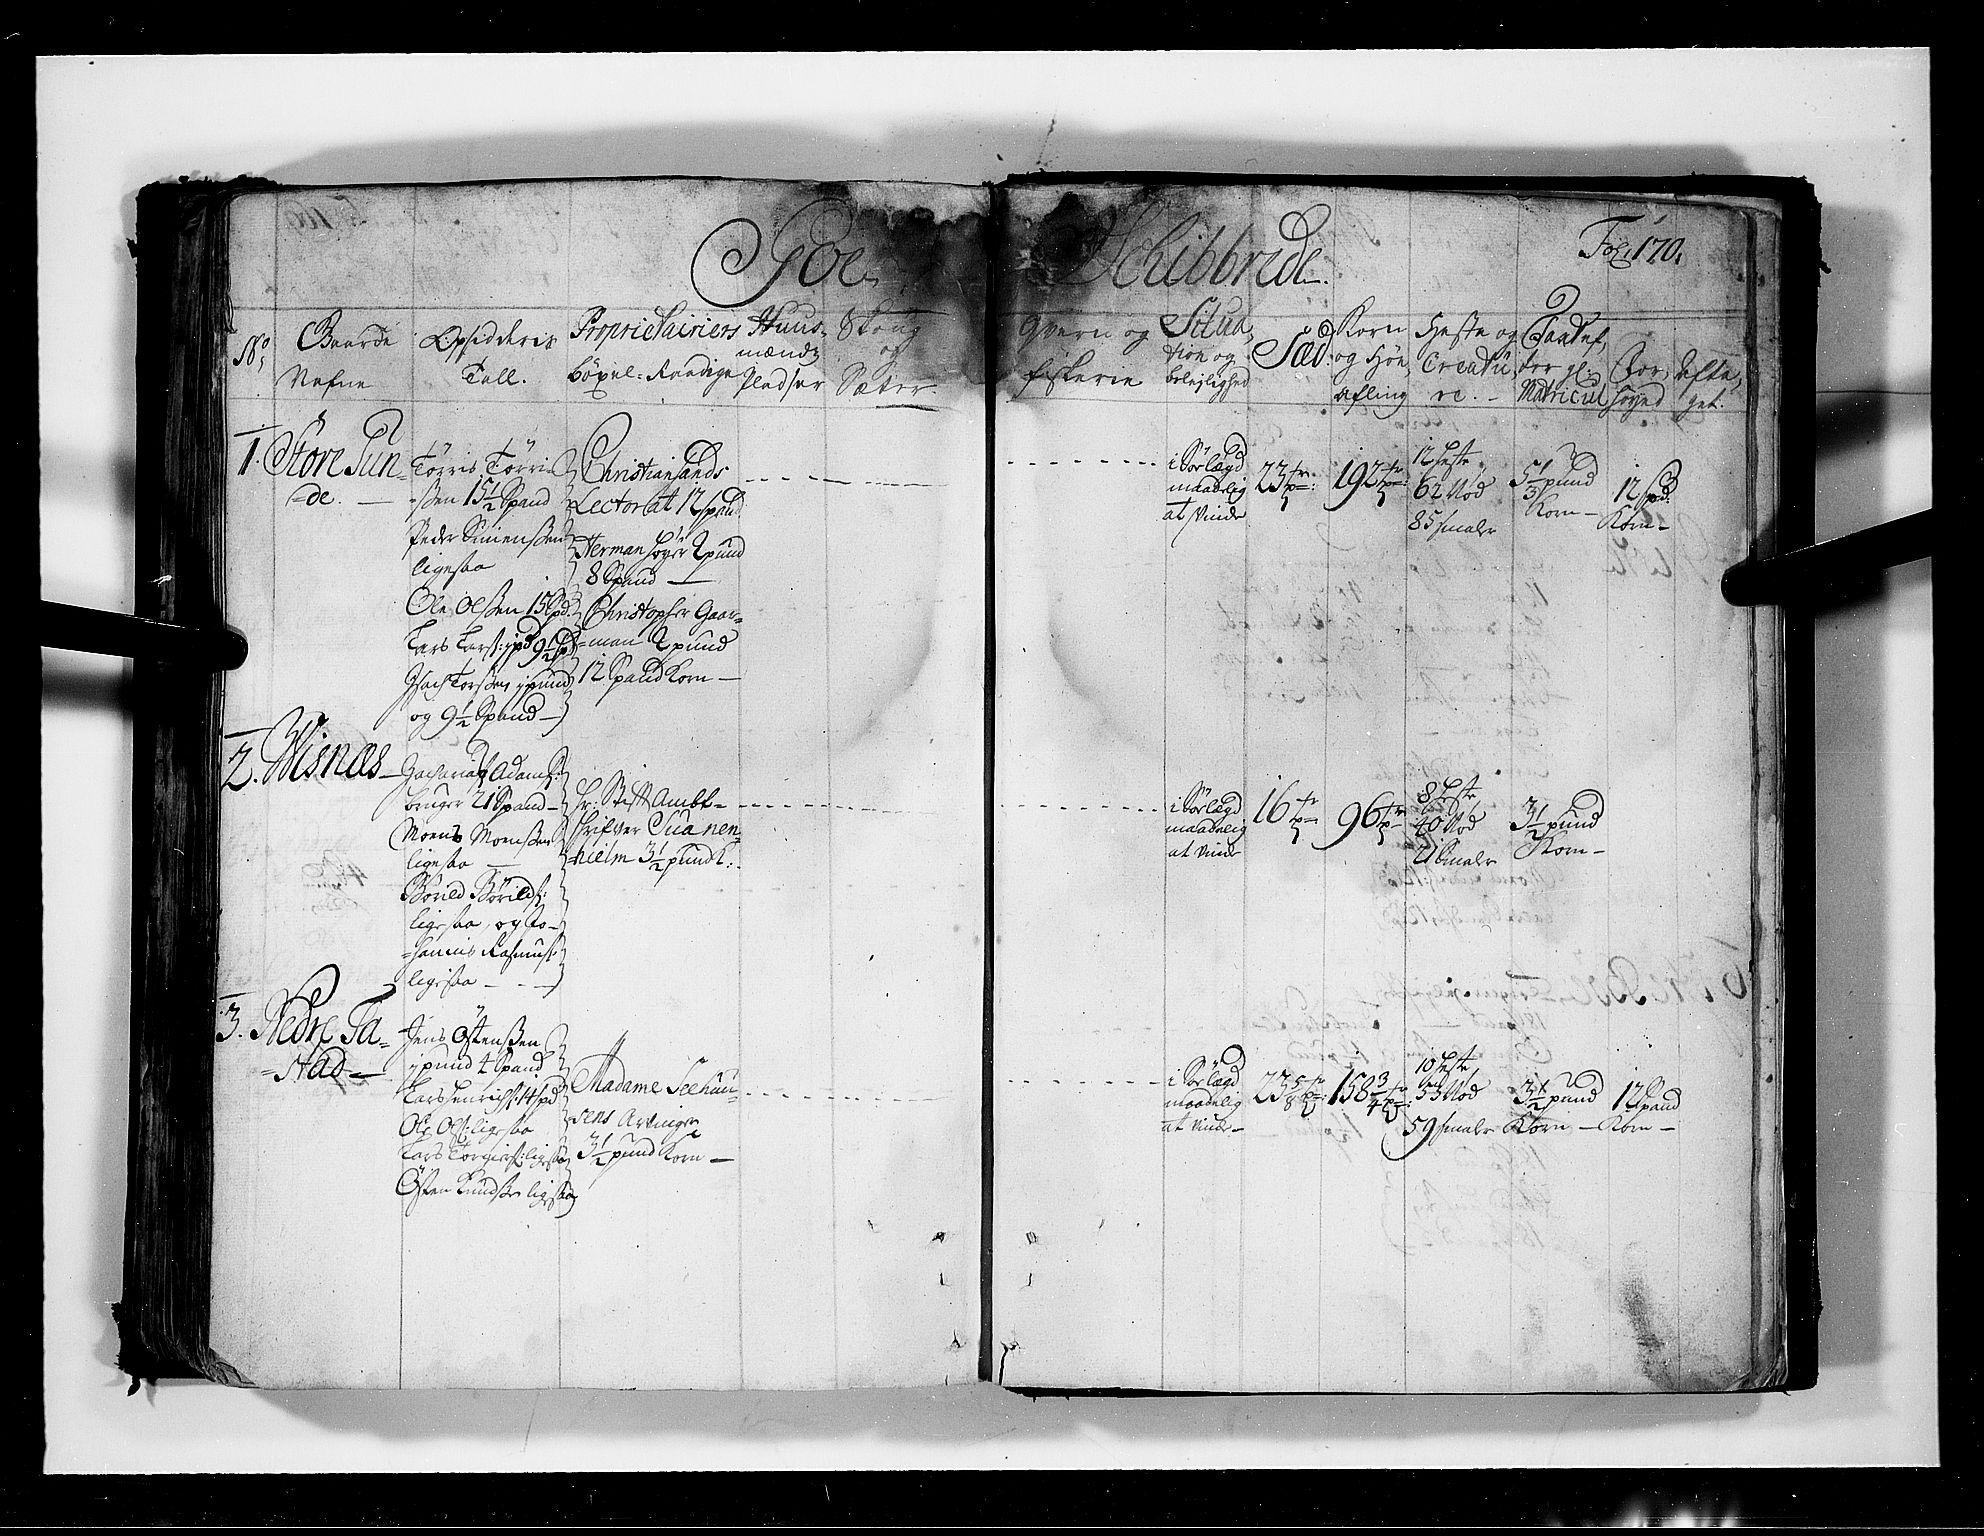 RA, Rentekammeret inntil 1814, Realistisk ordnet avdeling, N/Nb/Nbf/L0131: Jæren og Dalane eksaminasjonsprotokoll, 1723, s. 169b-170a